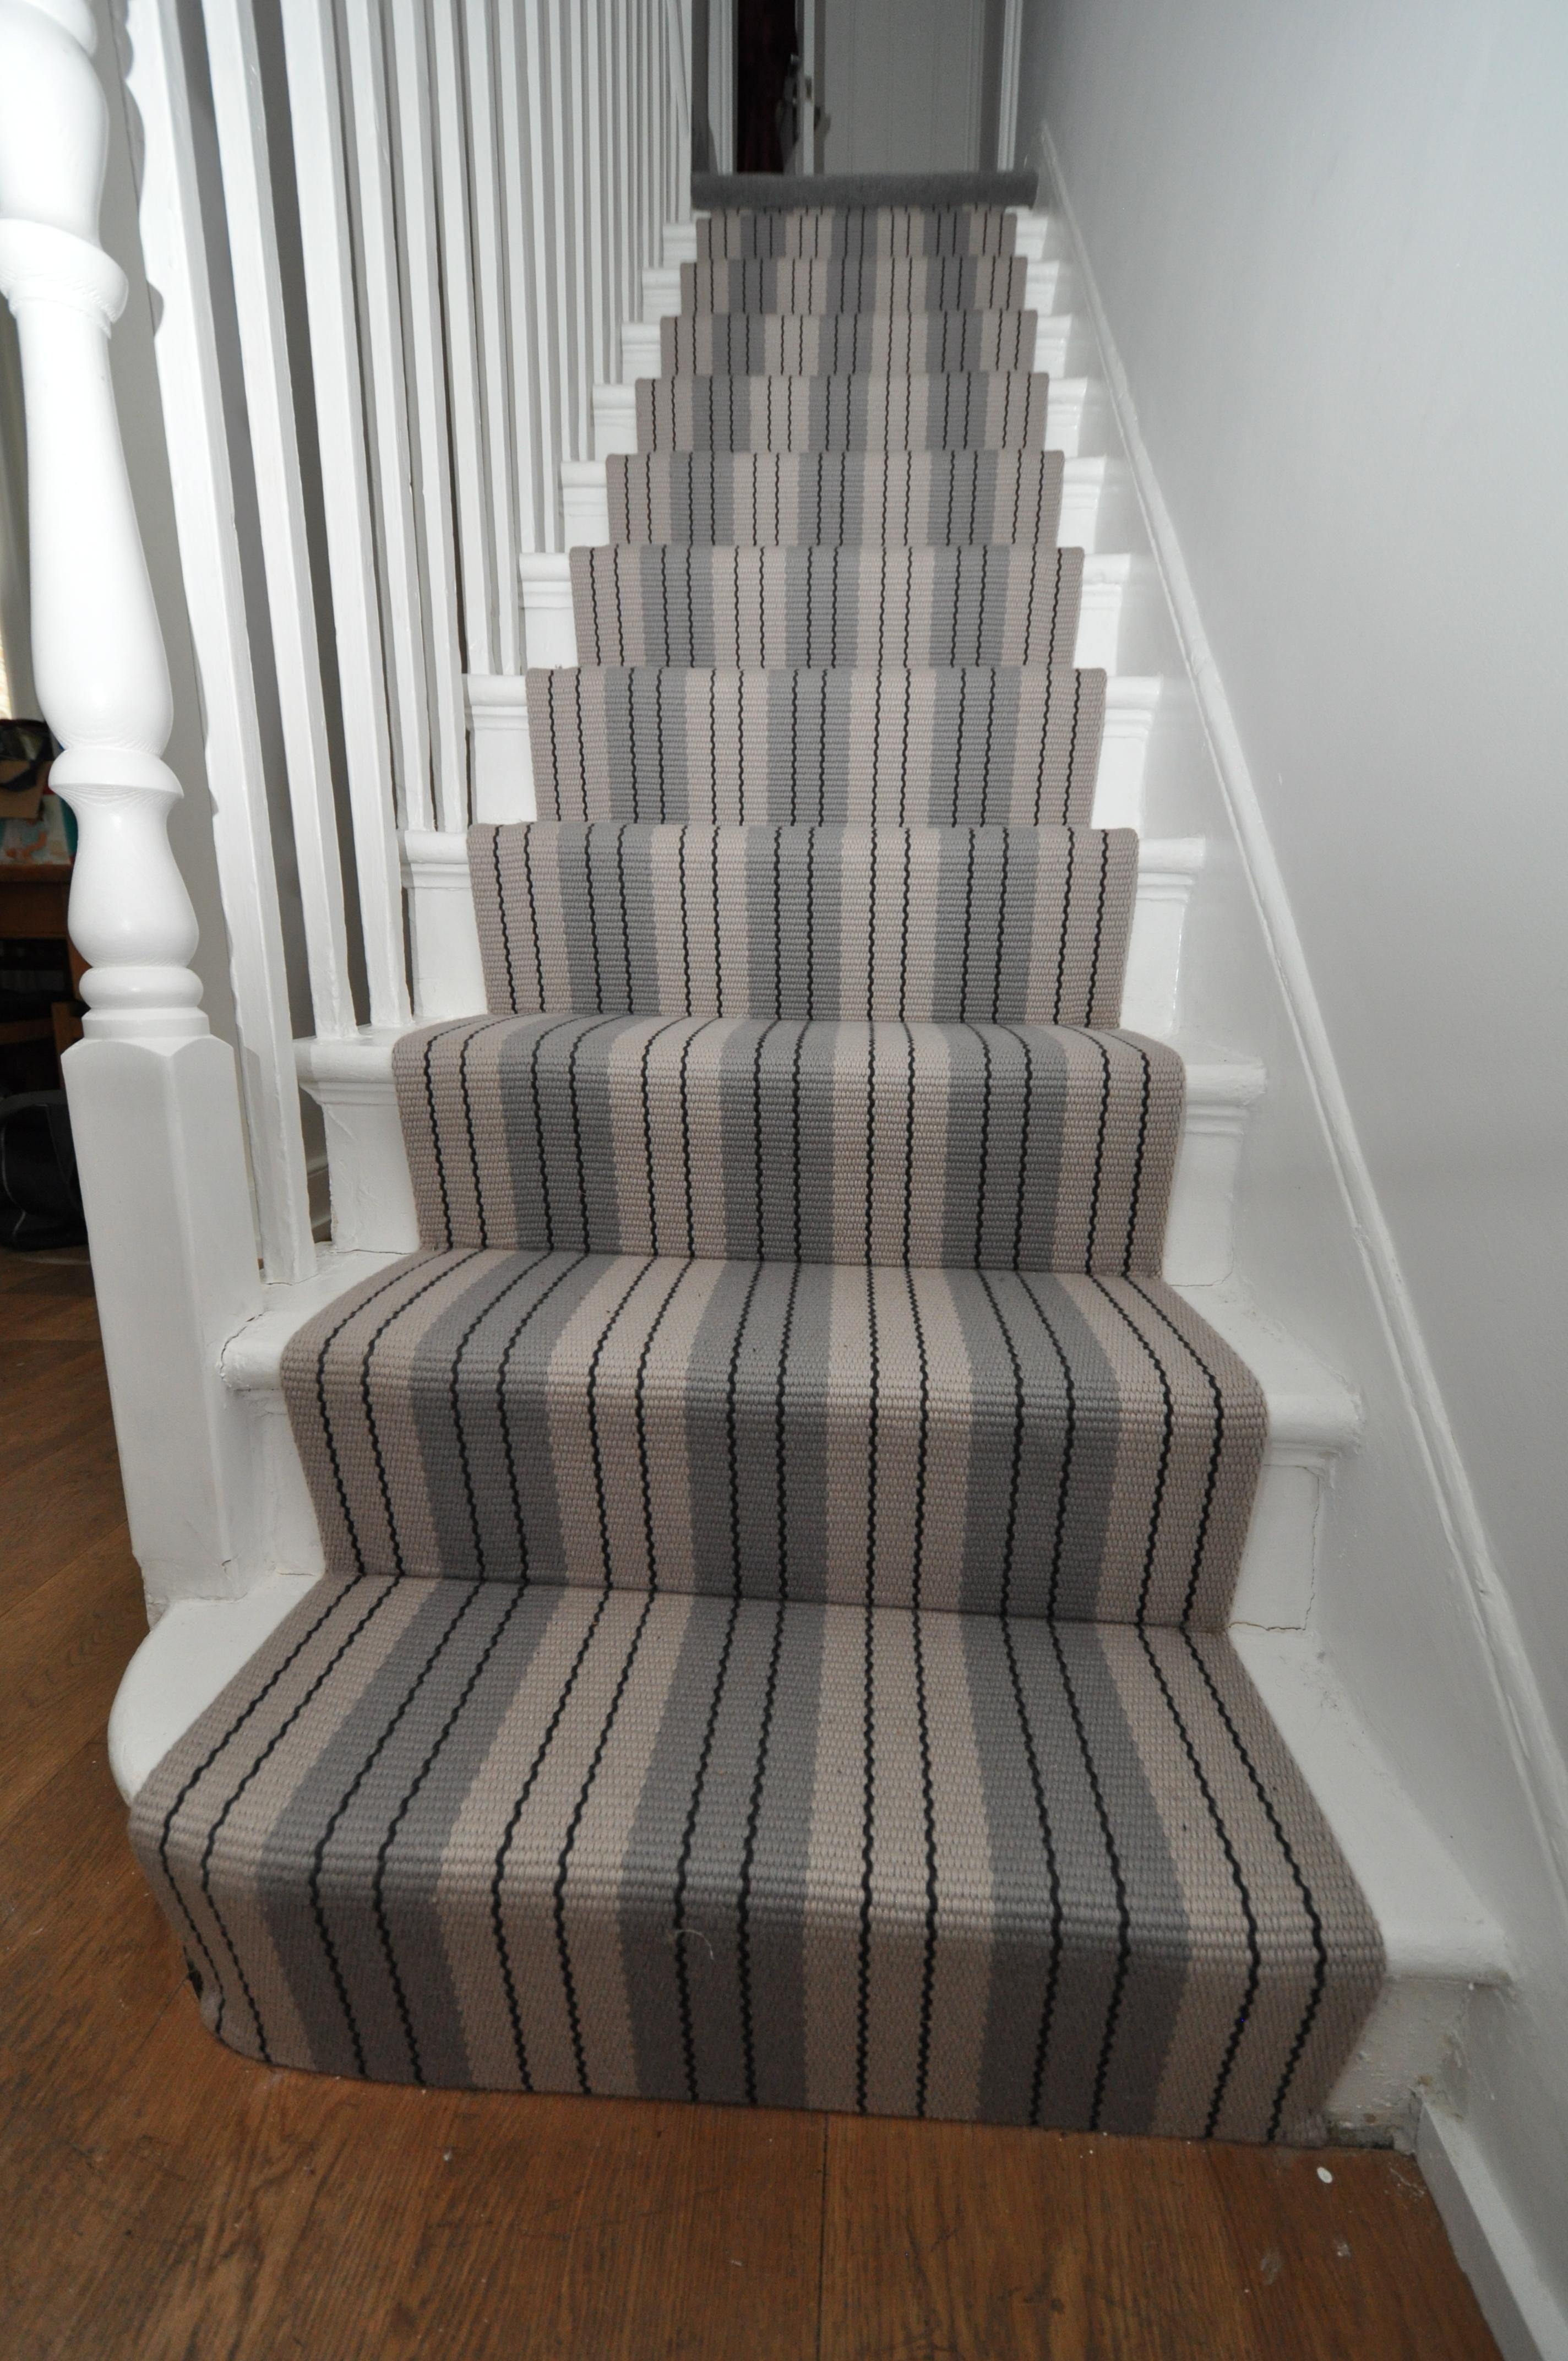 Best 4 039 Flatweave Stair Runners Off The Loom Knitsley 1 400 x 300